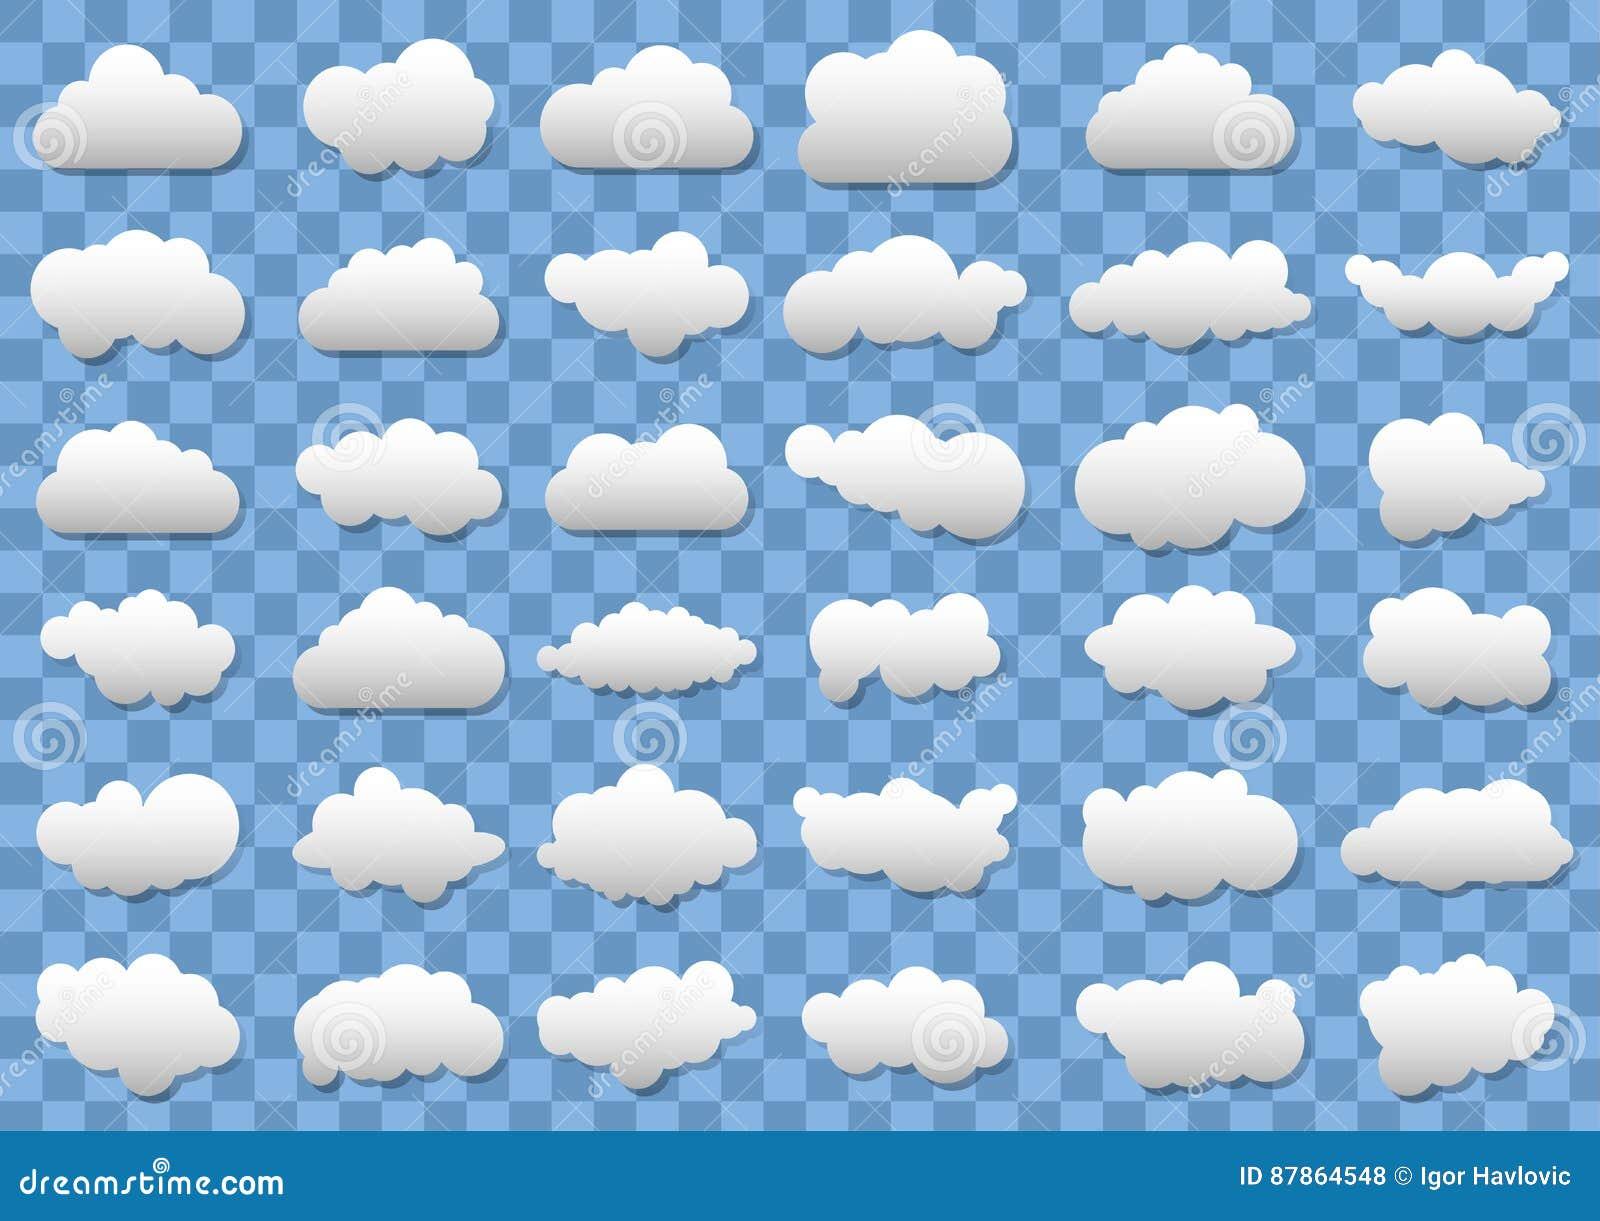 Obłoczne ikony na przejrzystym błękitnym tle 36 różnych wektorów chmur Wektorowe chmury